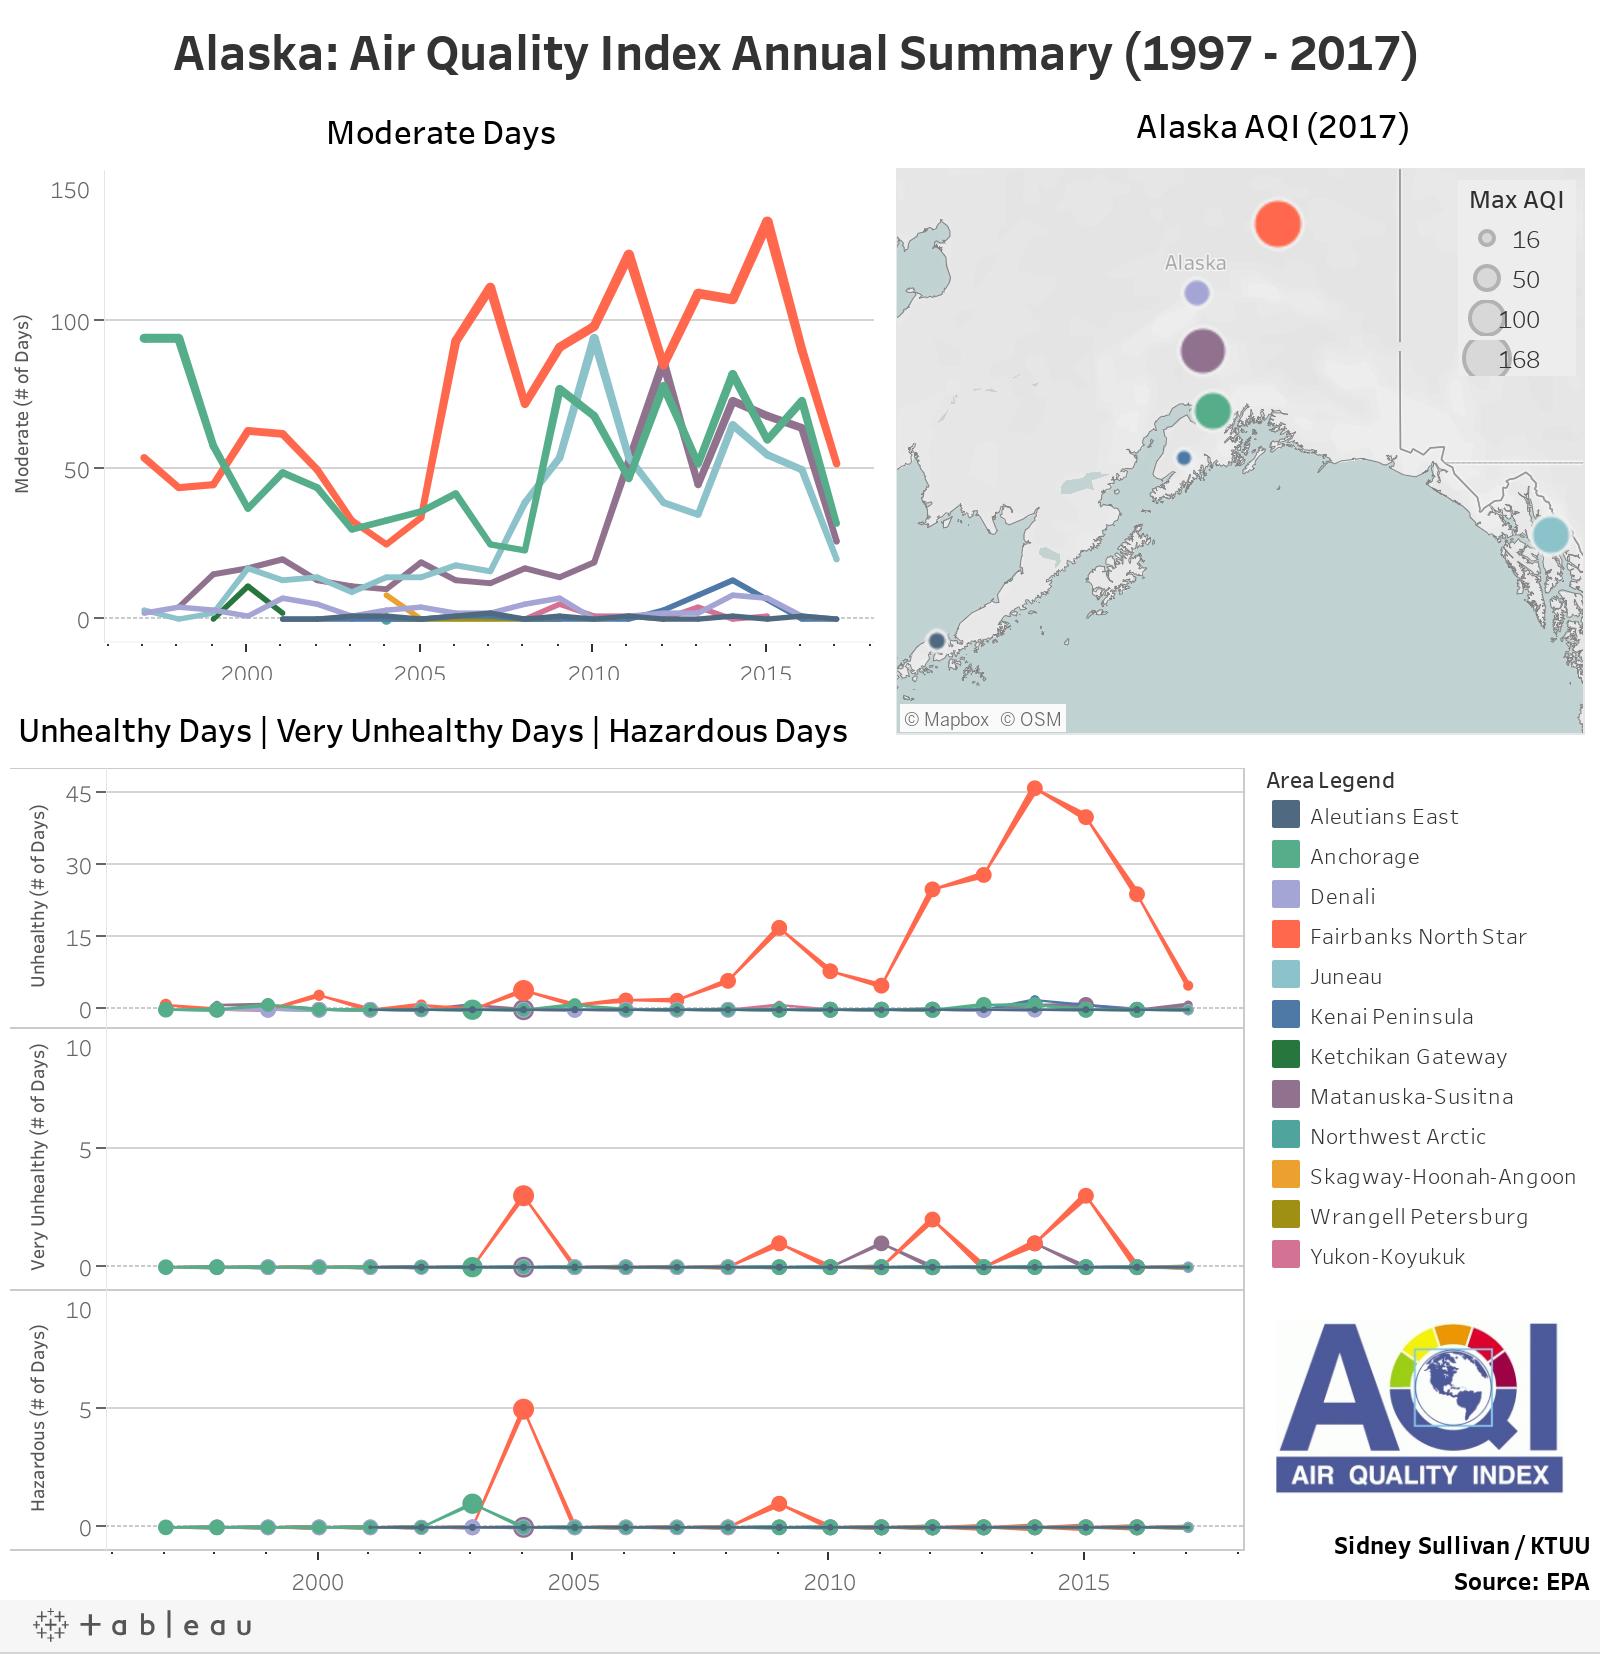 Alaska: Air Quality Index Annual Summary (1997 - 2017)